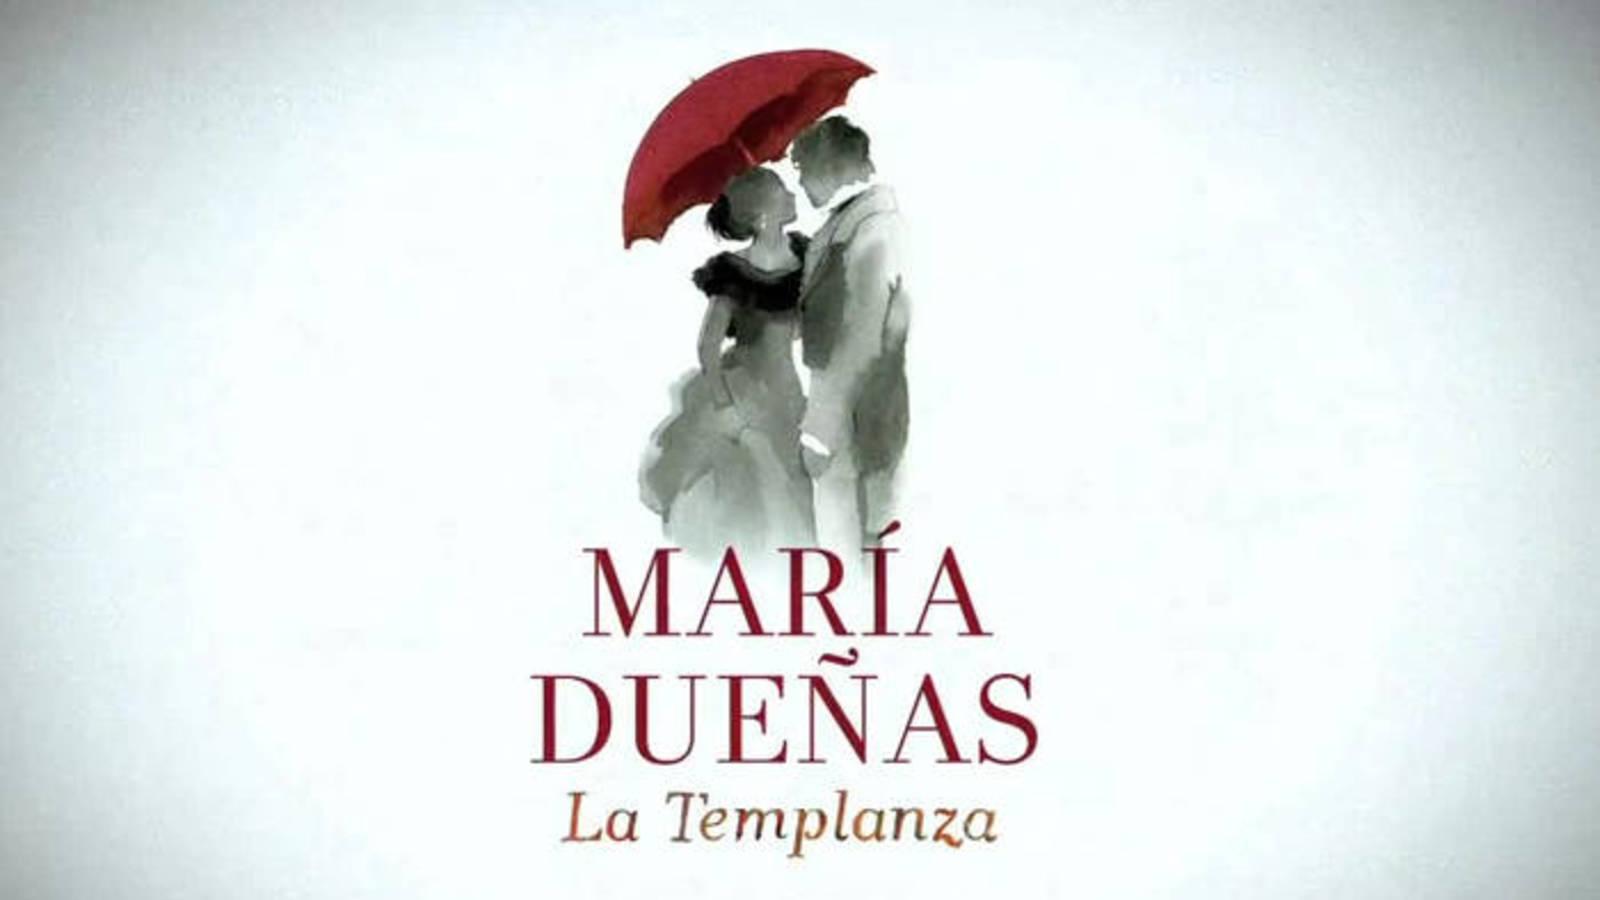 la-templanza-de-maria-duenas-nueva-super